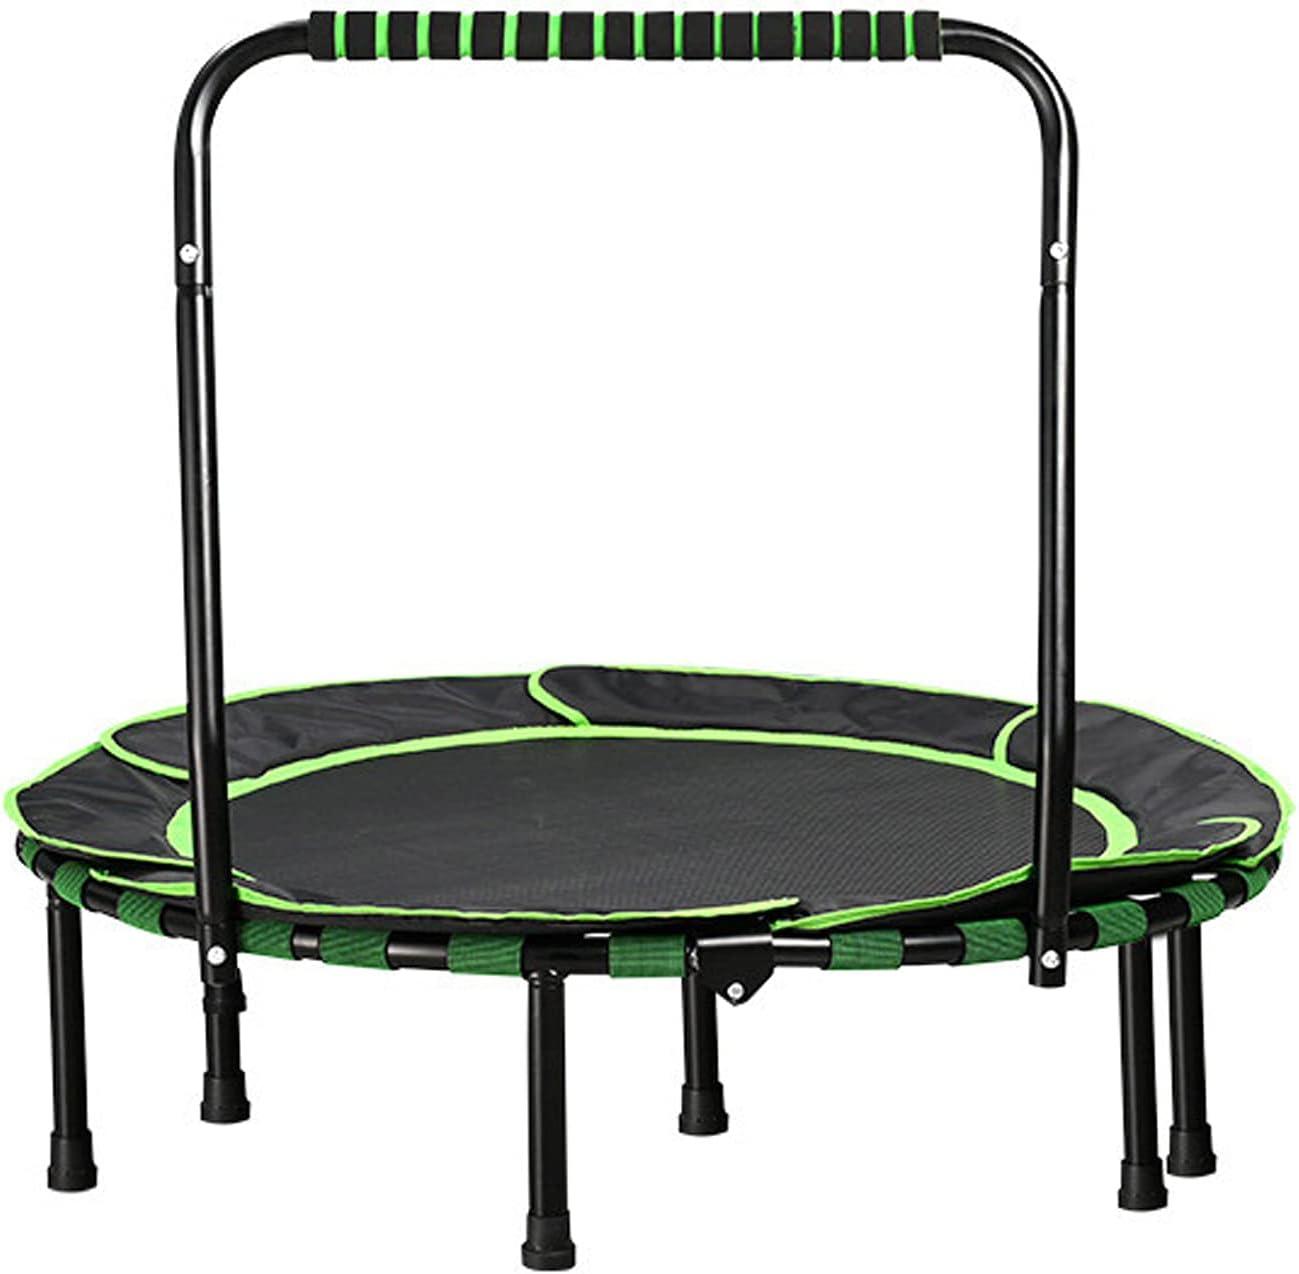 JTING Plegable 36 Pulgadas Trampolín con Reposabrazos Mini Niños Bounce Entretenimiento Elasticas Cama Trampolines, Carga 50 kg, Regalo de Cumpleaños, para Niños Mayores de 3 años